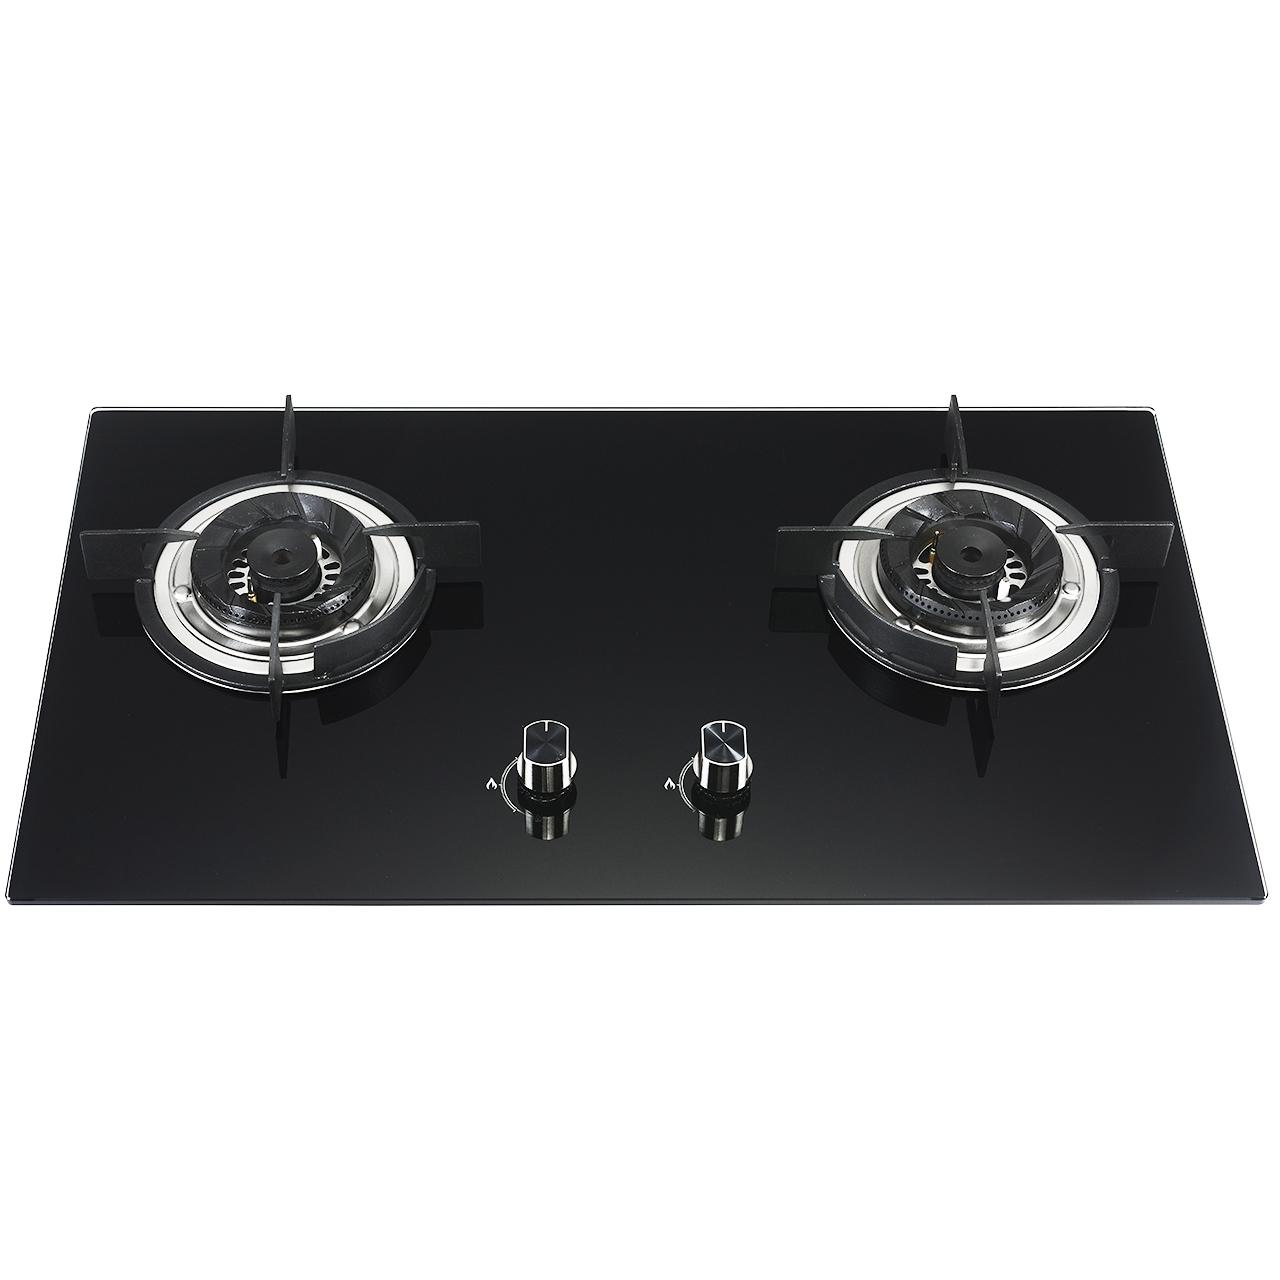 K2-Q2G020R厨房炉具批发